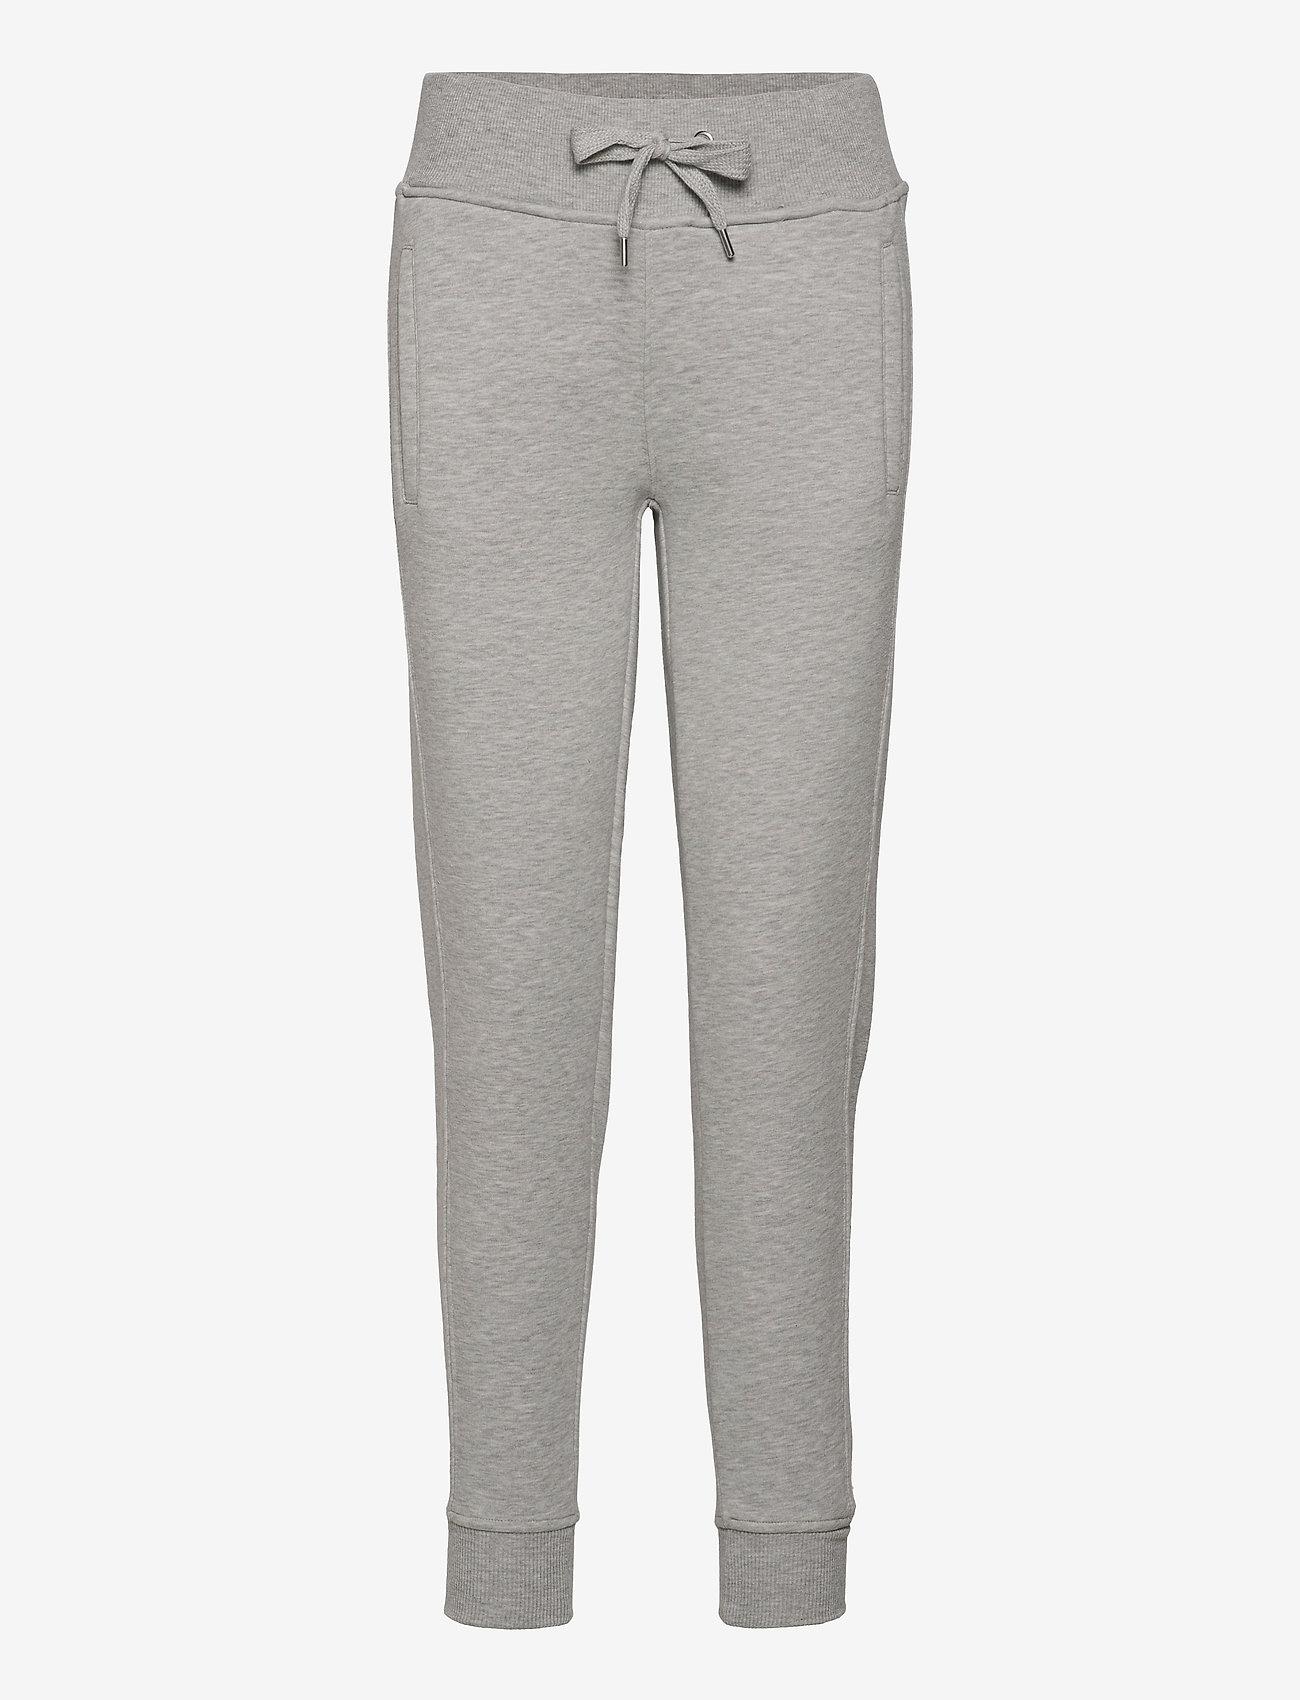 Levete Room - LR-NUKA - clothing - l9950 - light grey melange - 0